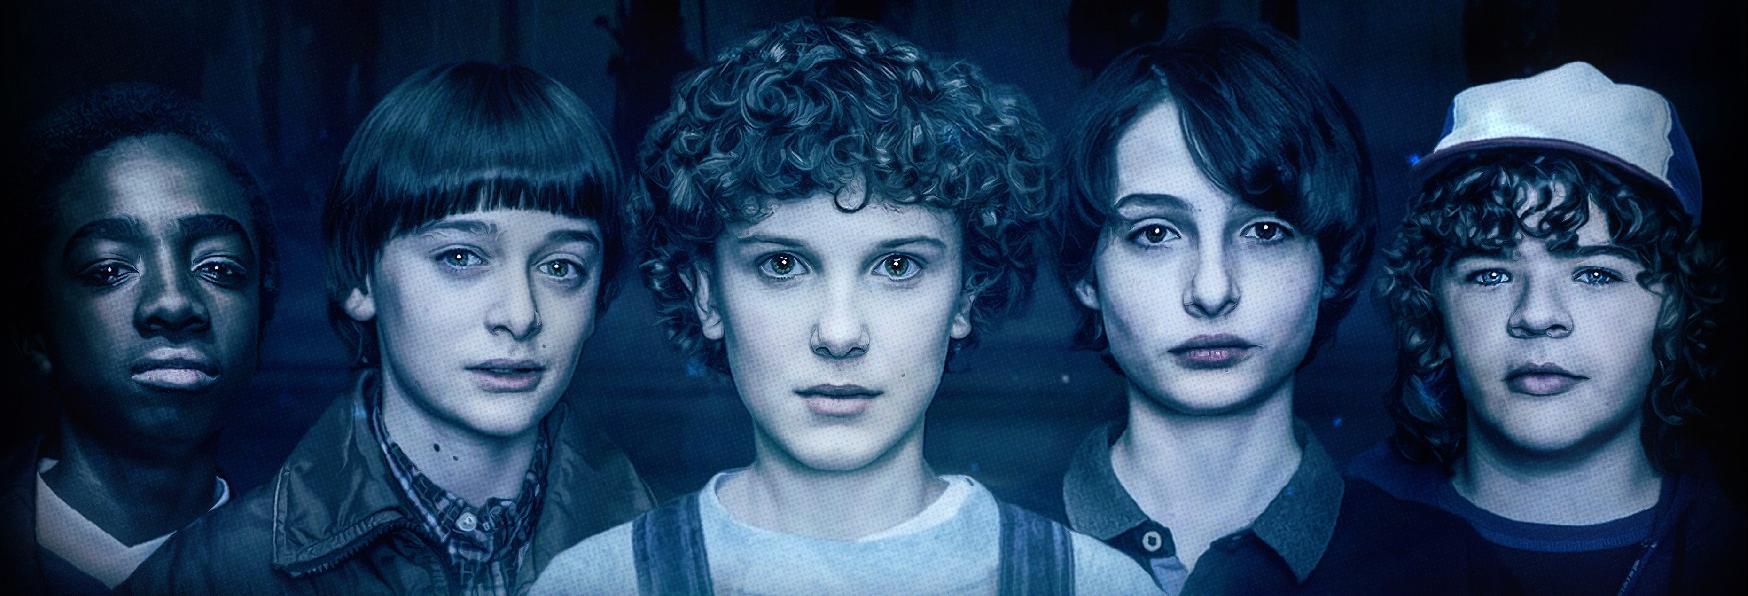 Stranger Things 3 sarà un Colpo al Cuore. Parola di David Harbour!